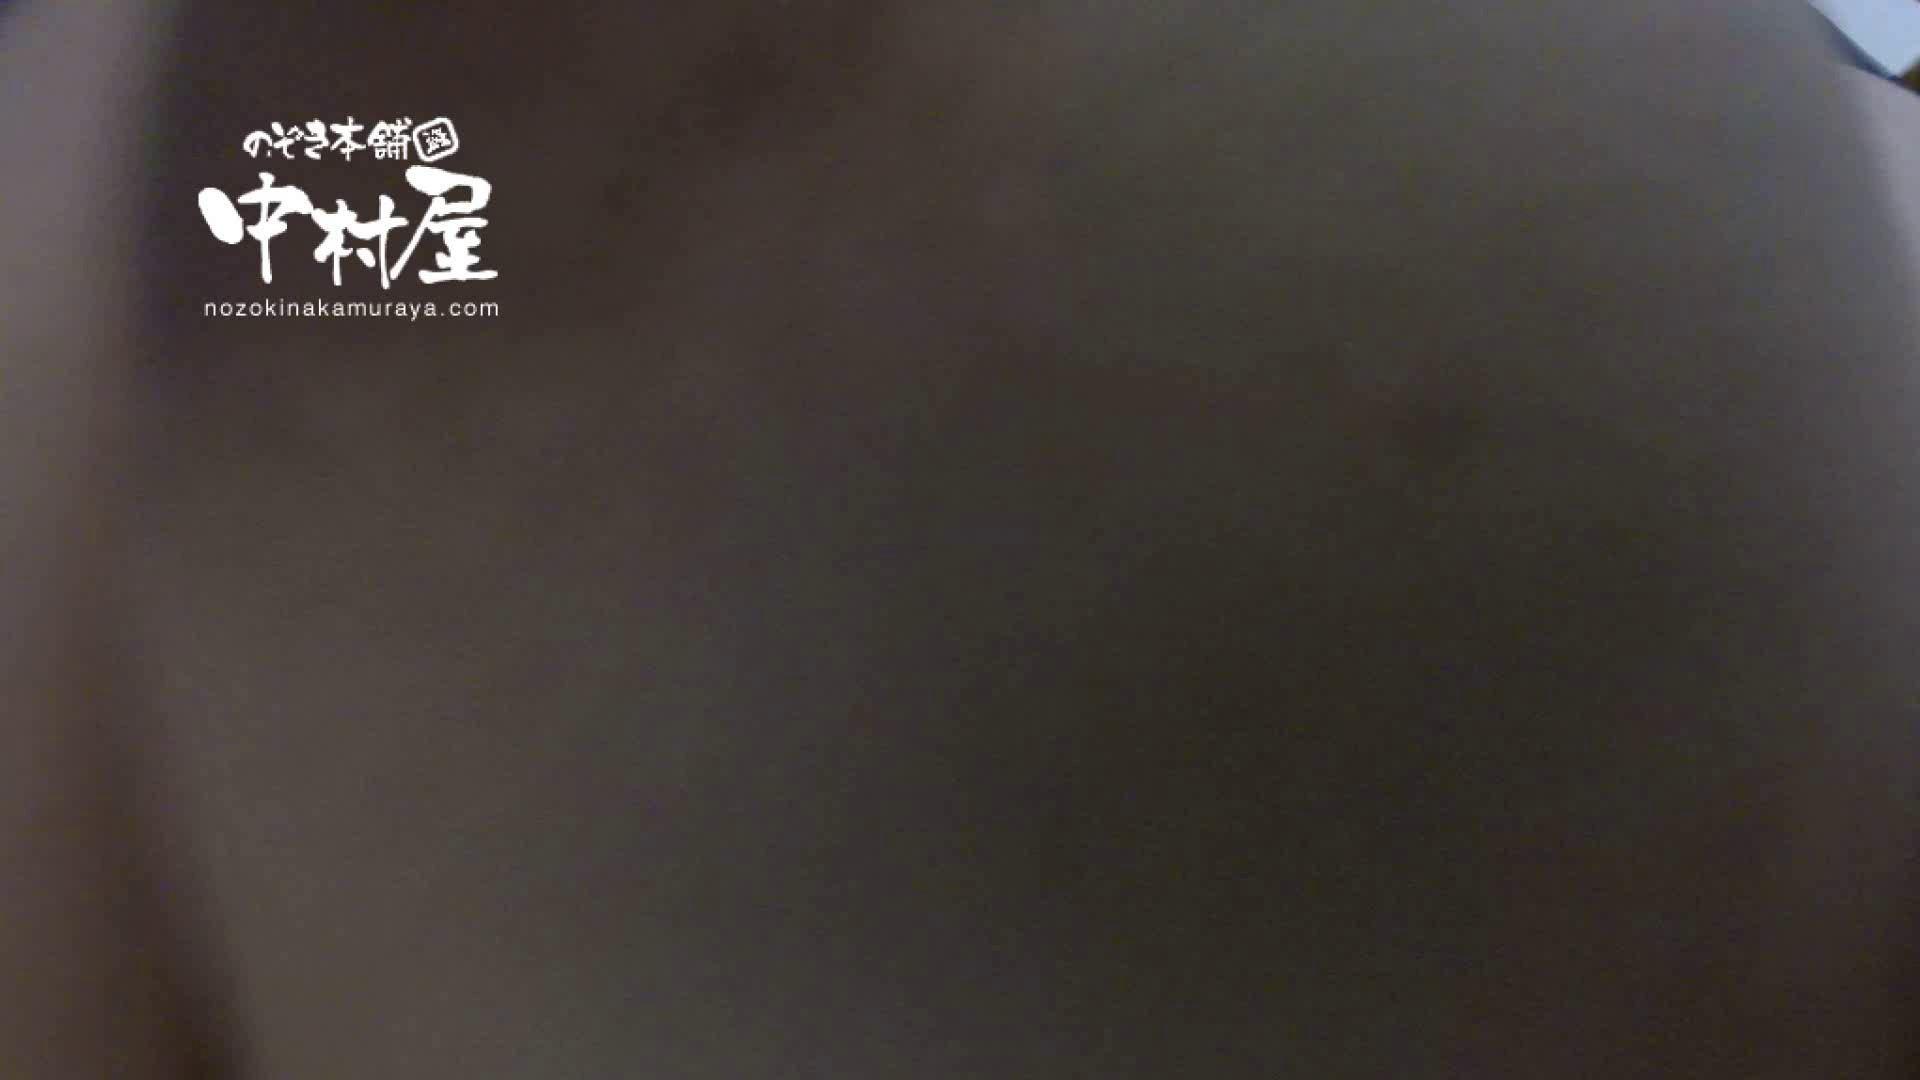 鬼畜 vol.14 小生意気なおなごにはペナルティー 後編 独身エッチOL | 鬼畜  106pic 15